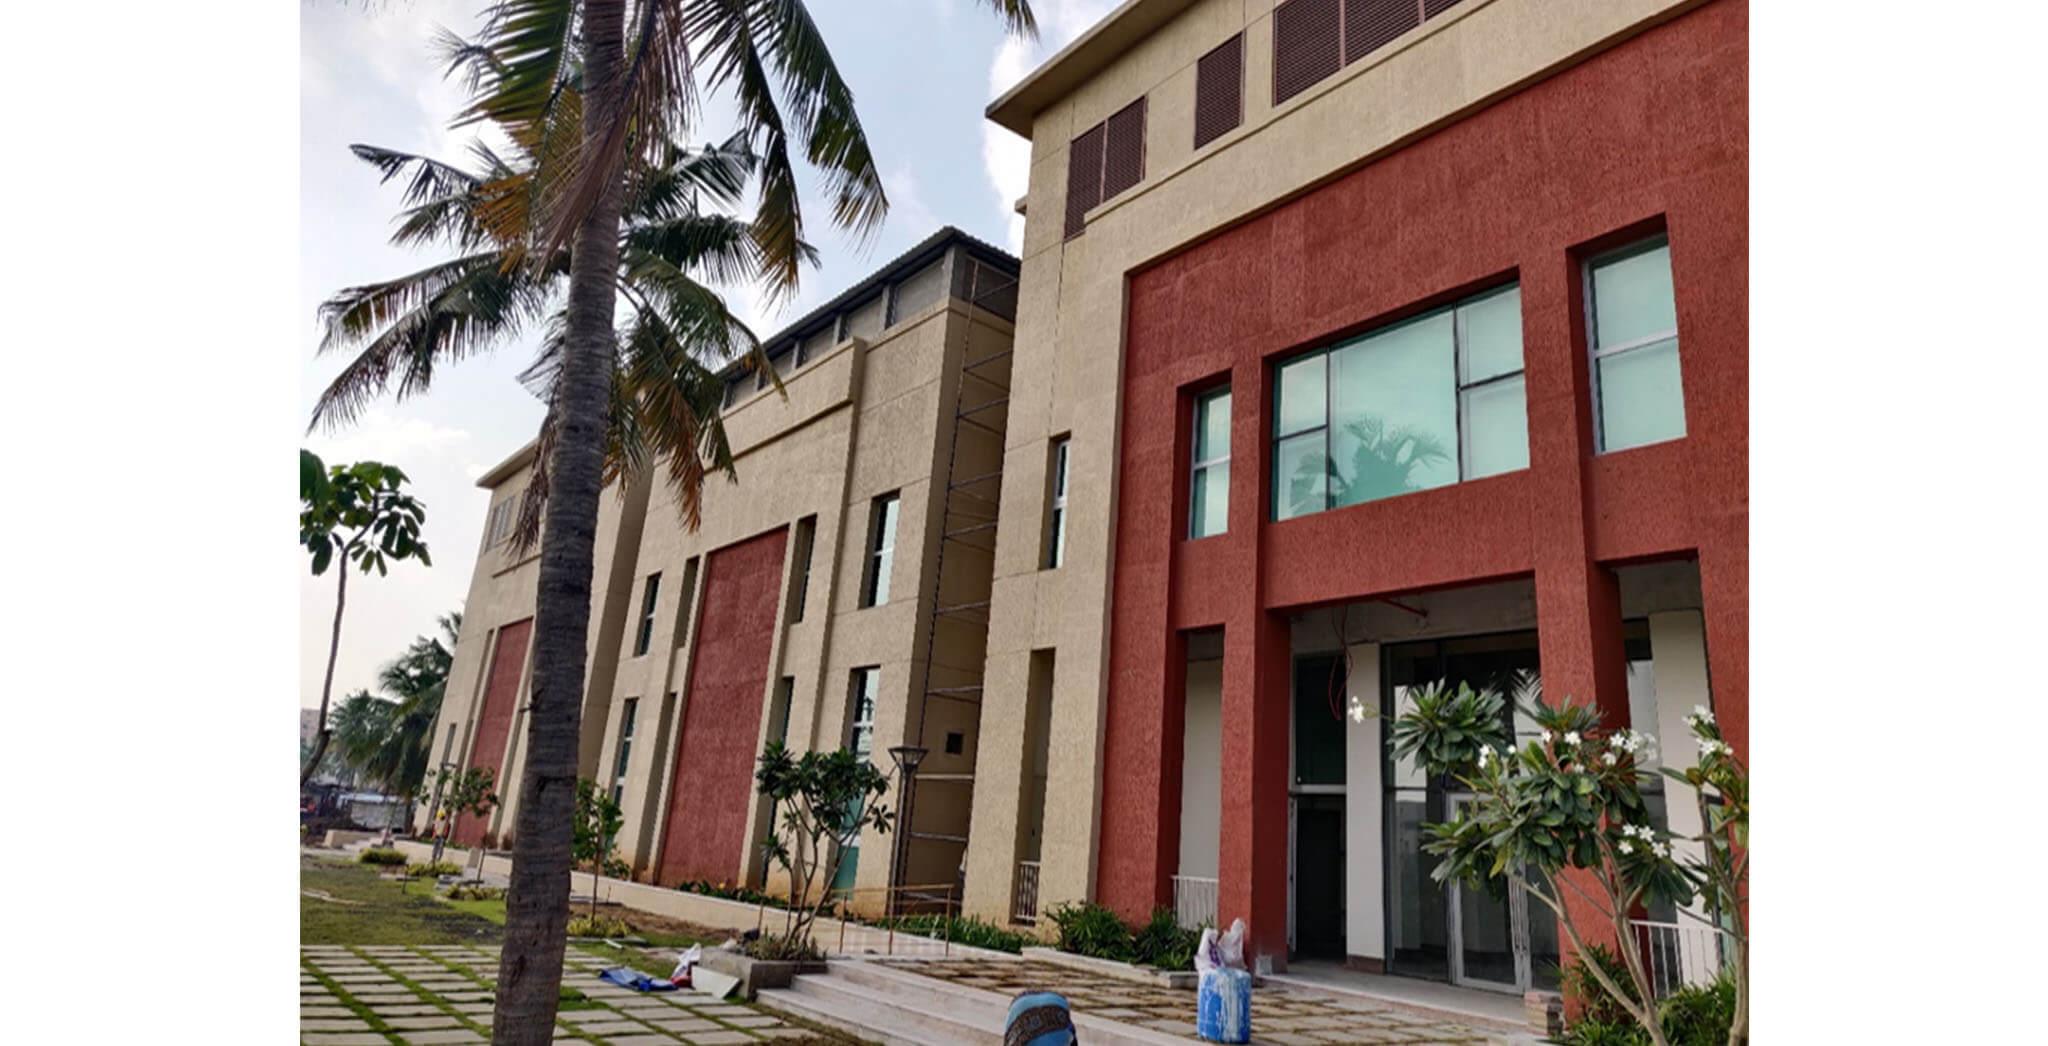 Feb 2021 - Club House